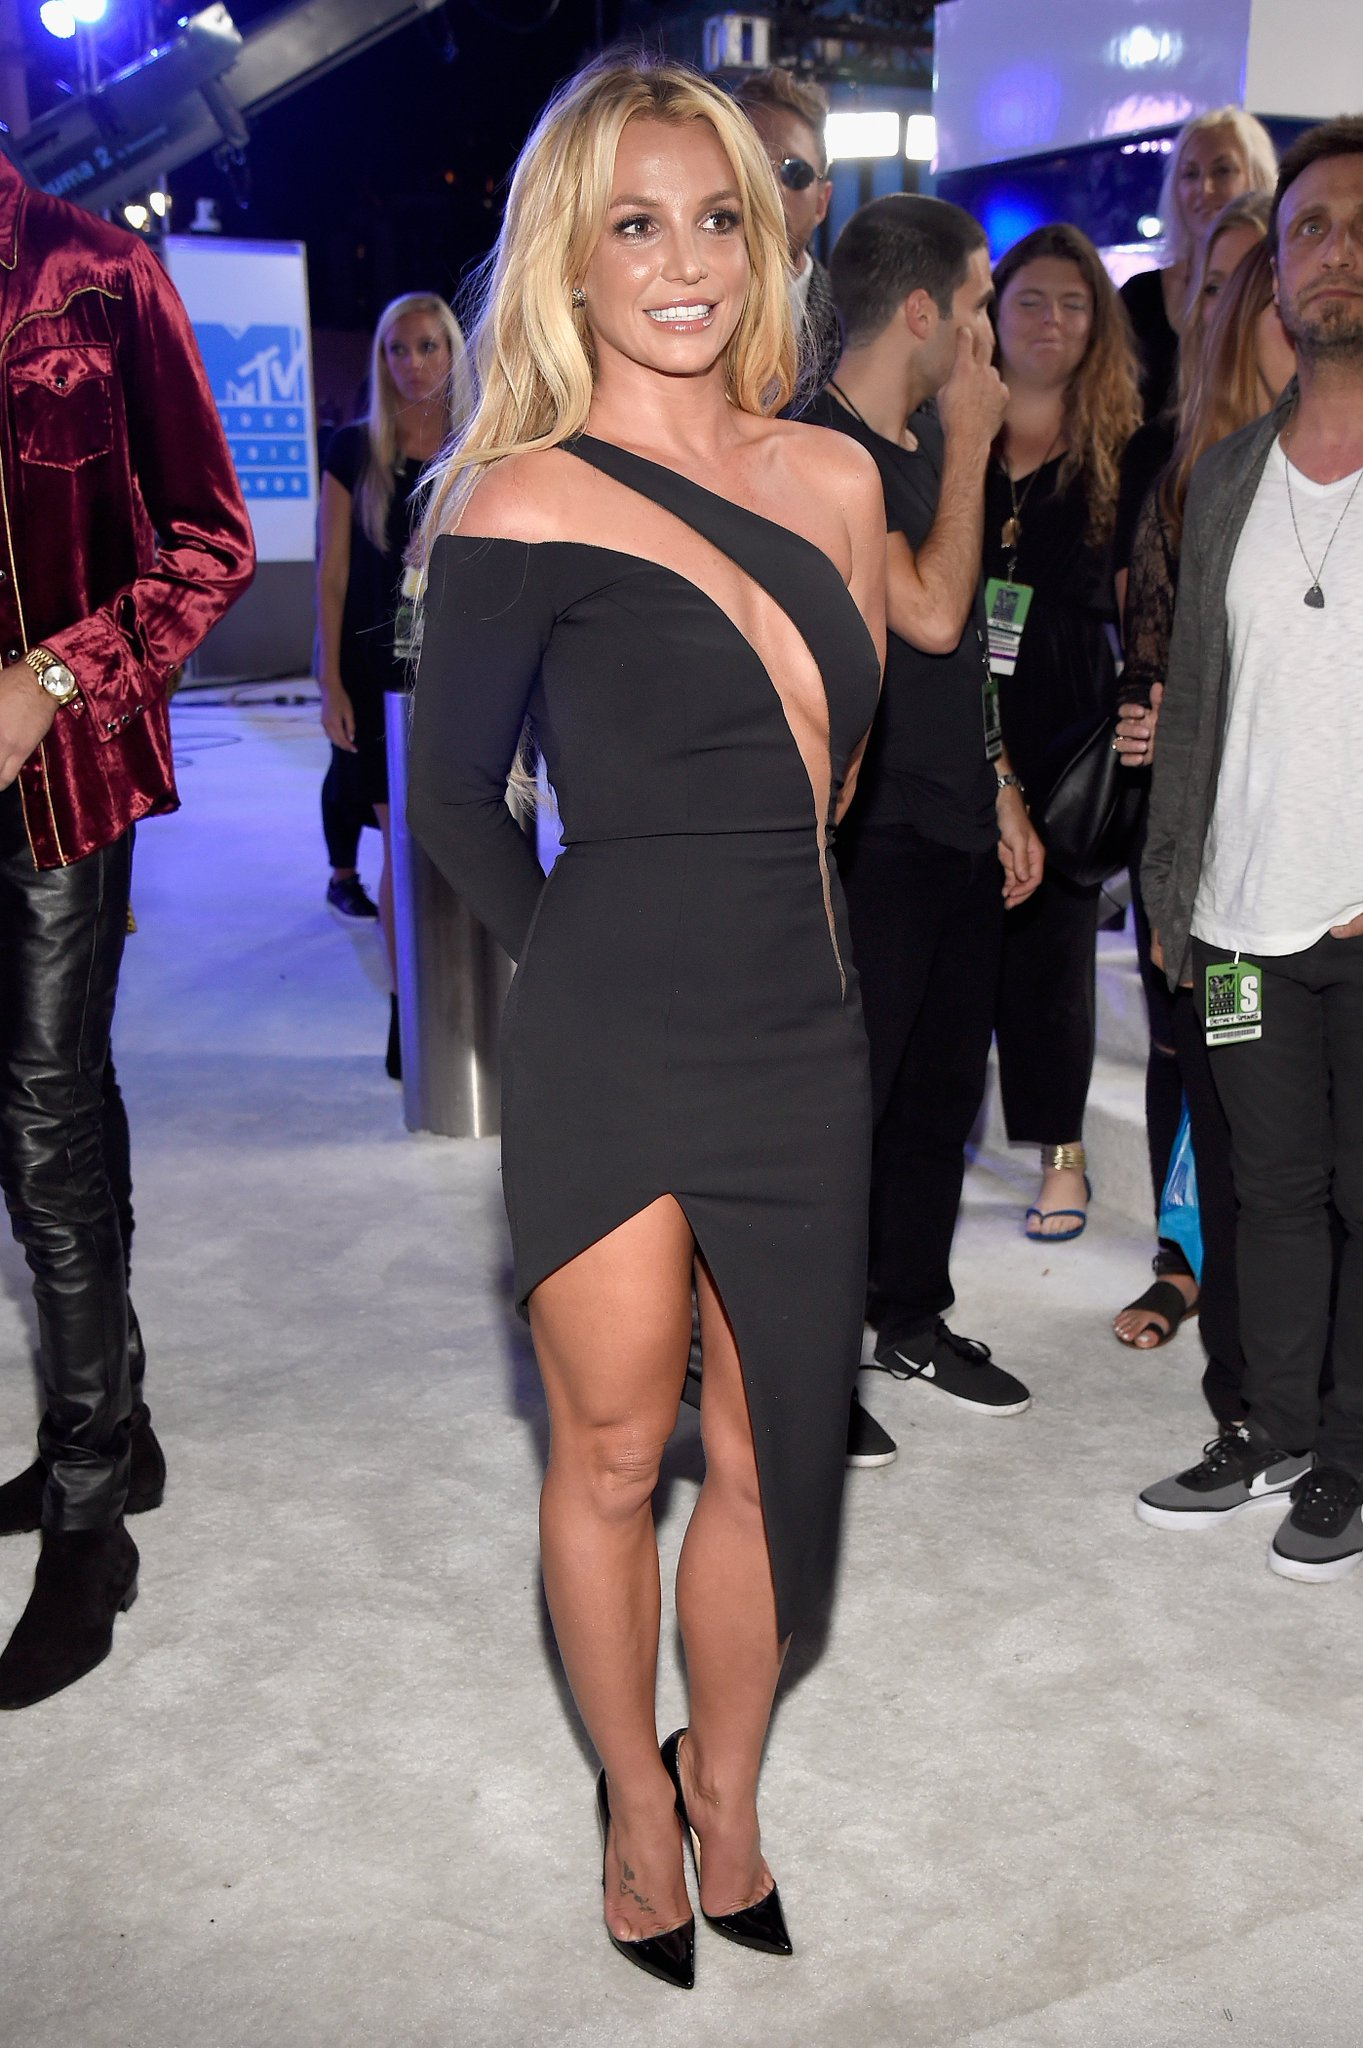 Britney's back: https://t.co/eIOUqQwaEN https://t.co/aU5yZZuS4E